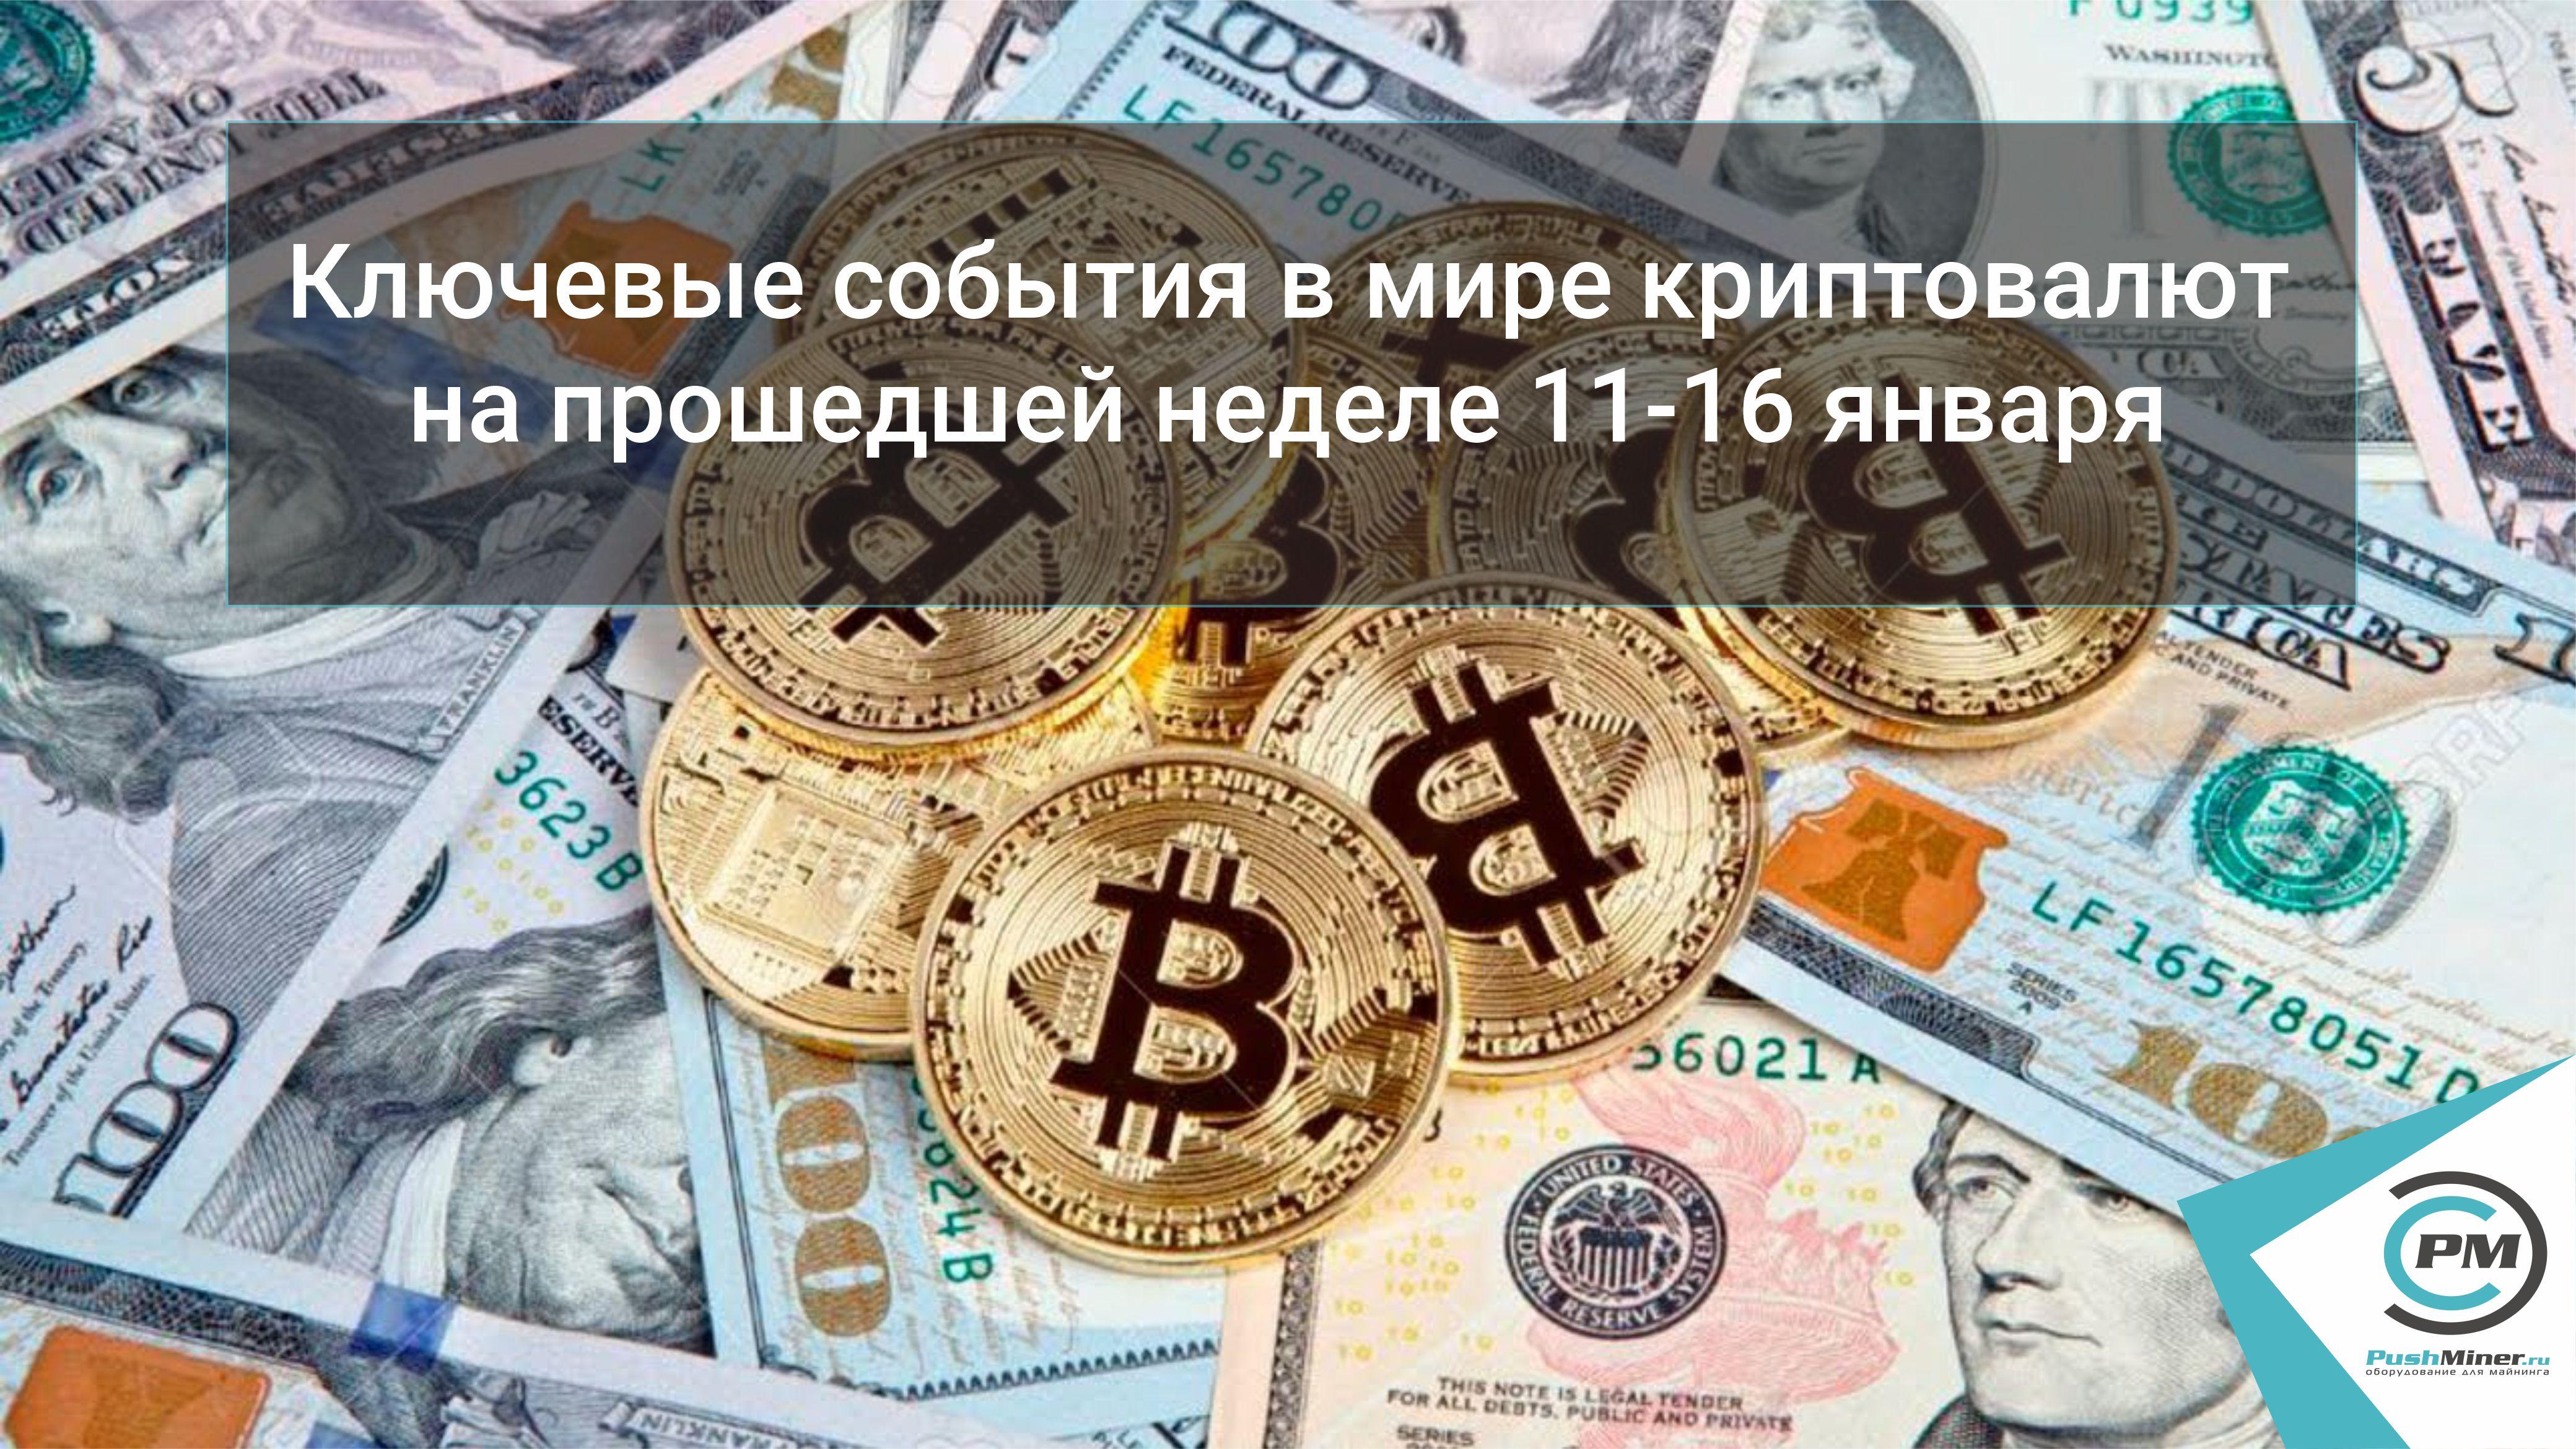 Ключевые события в мире криптовалют на прошедшей неделе 11-16 января